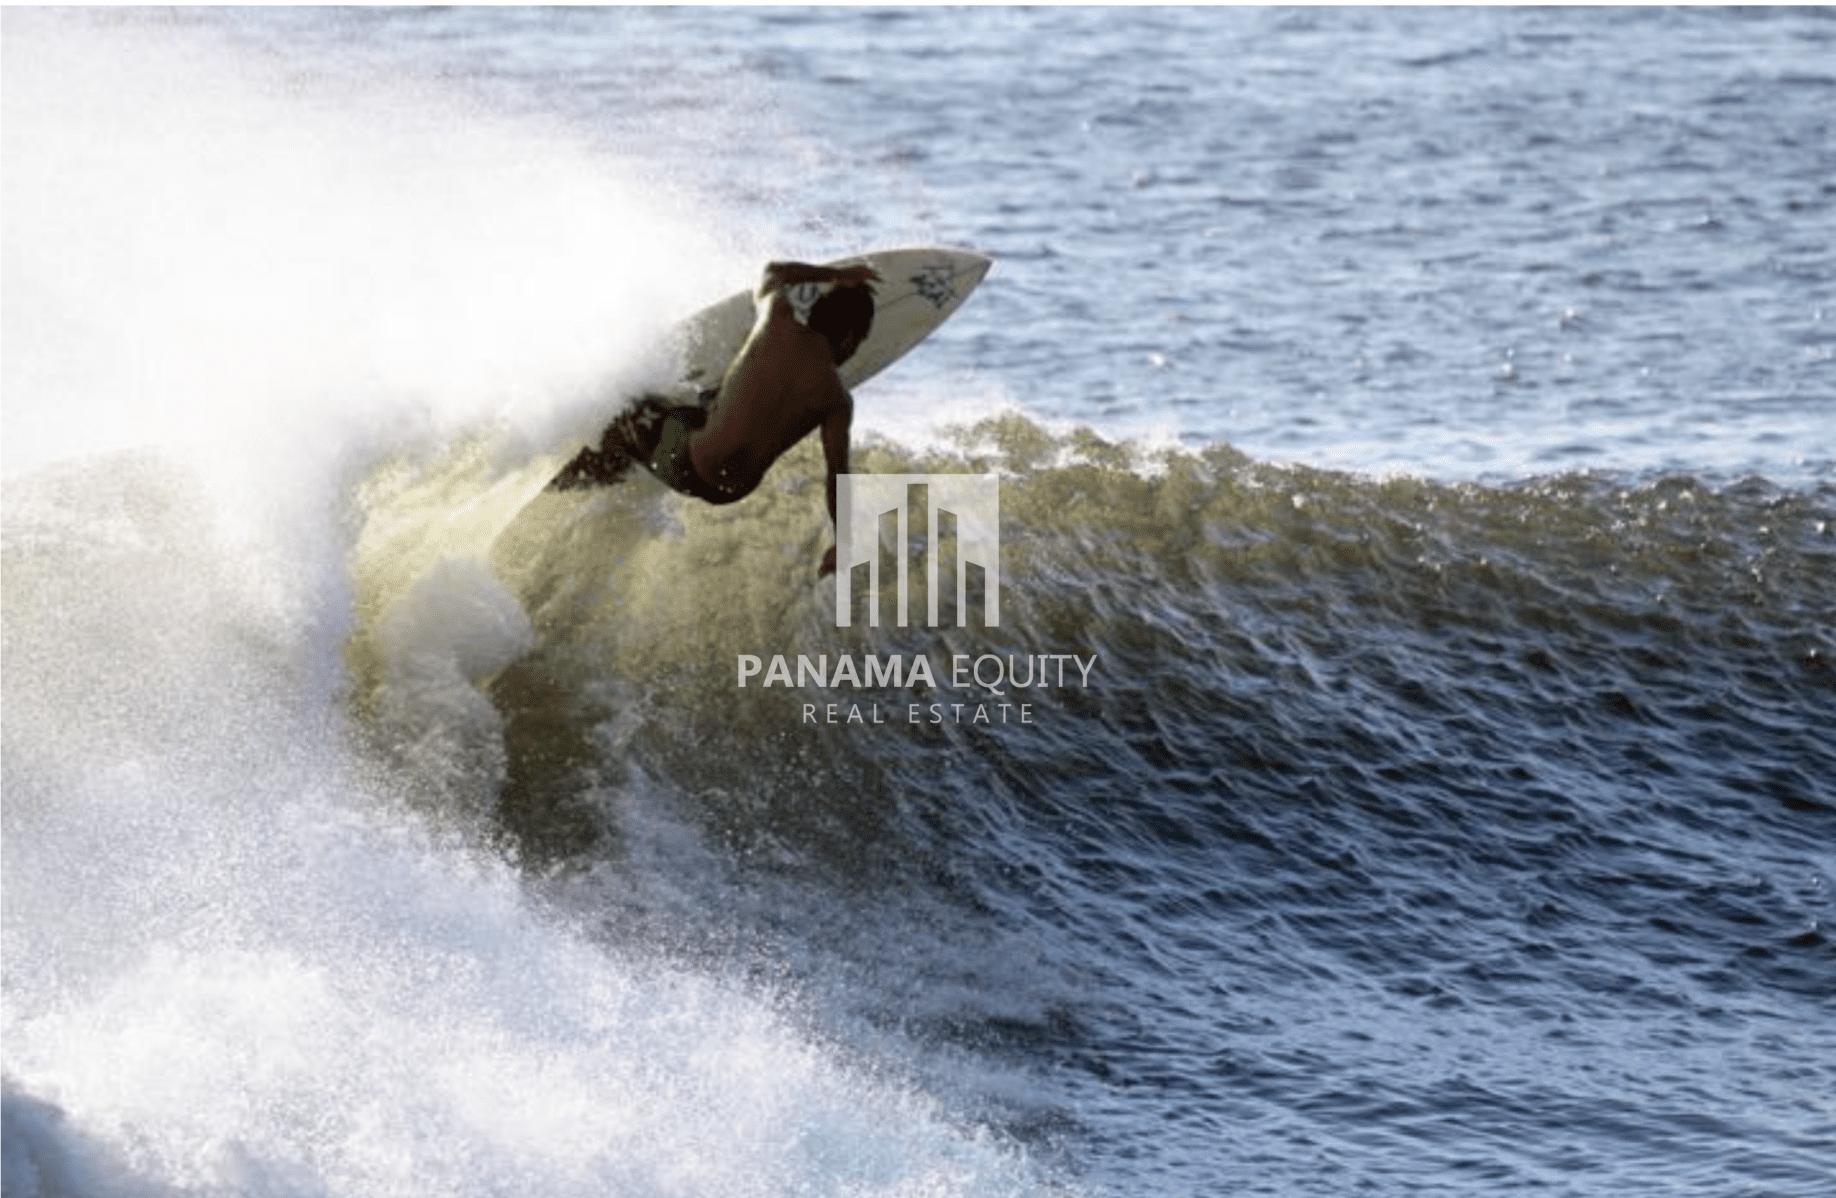 man-surfing-wave-coronado